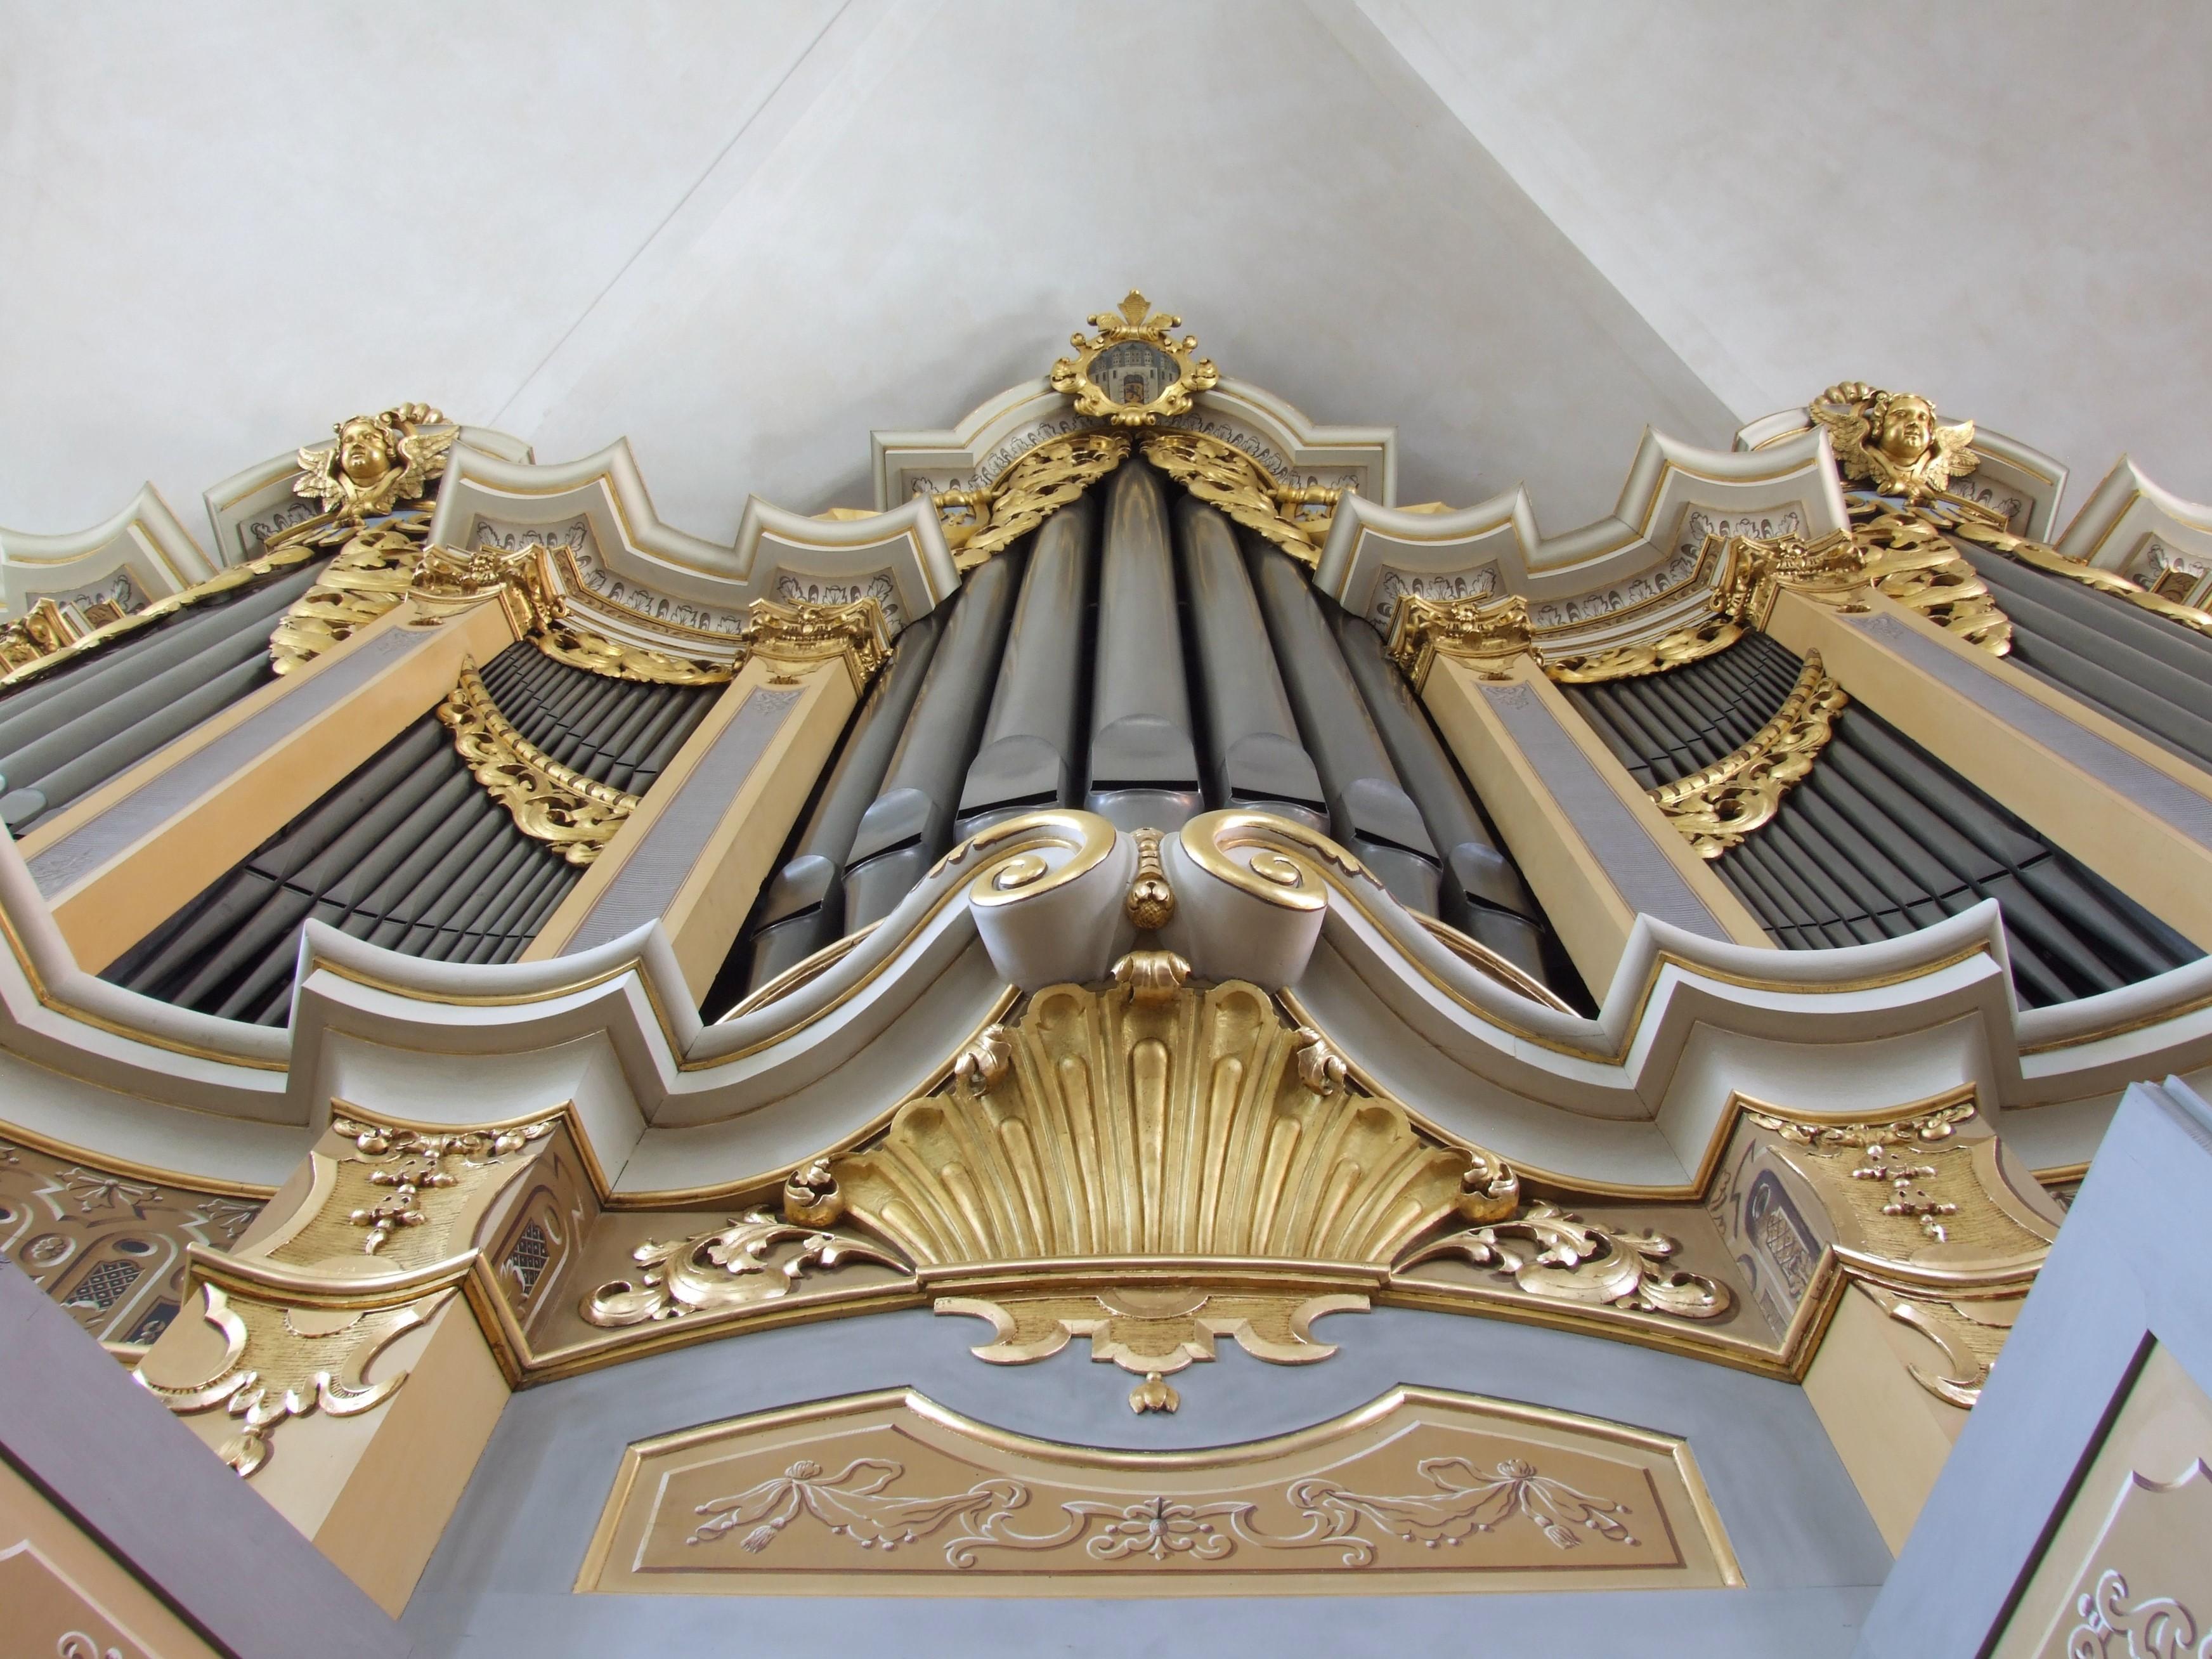 Kantatengottesdienst (4. Advent) @ Petrikirche